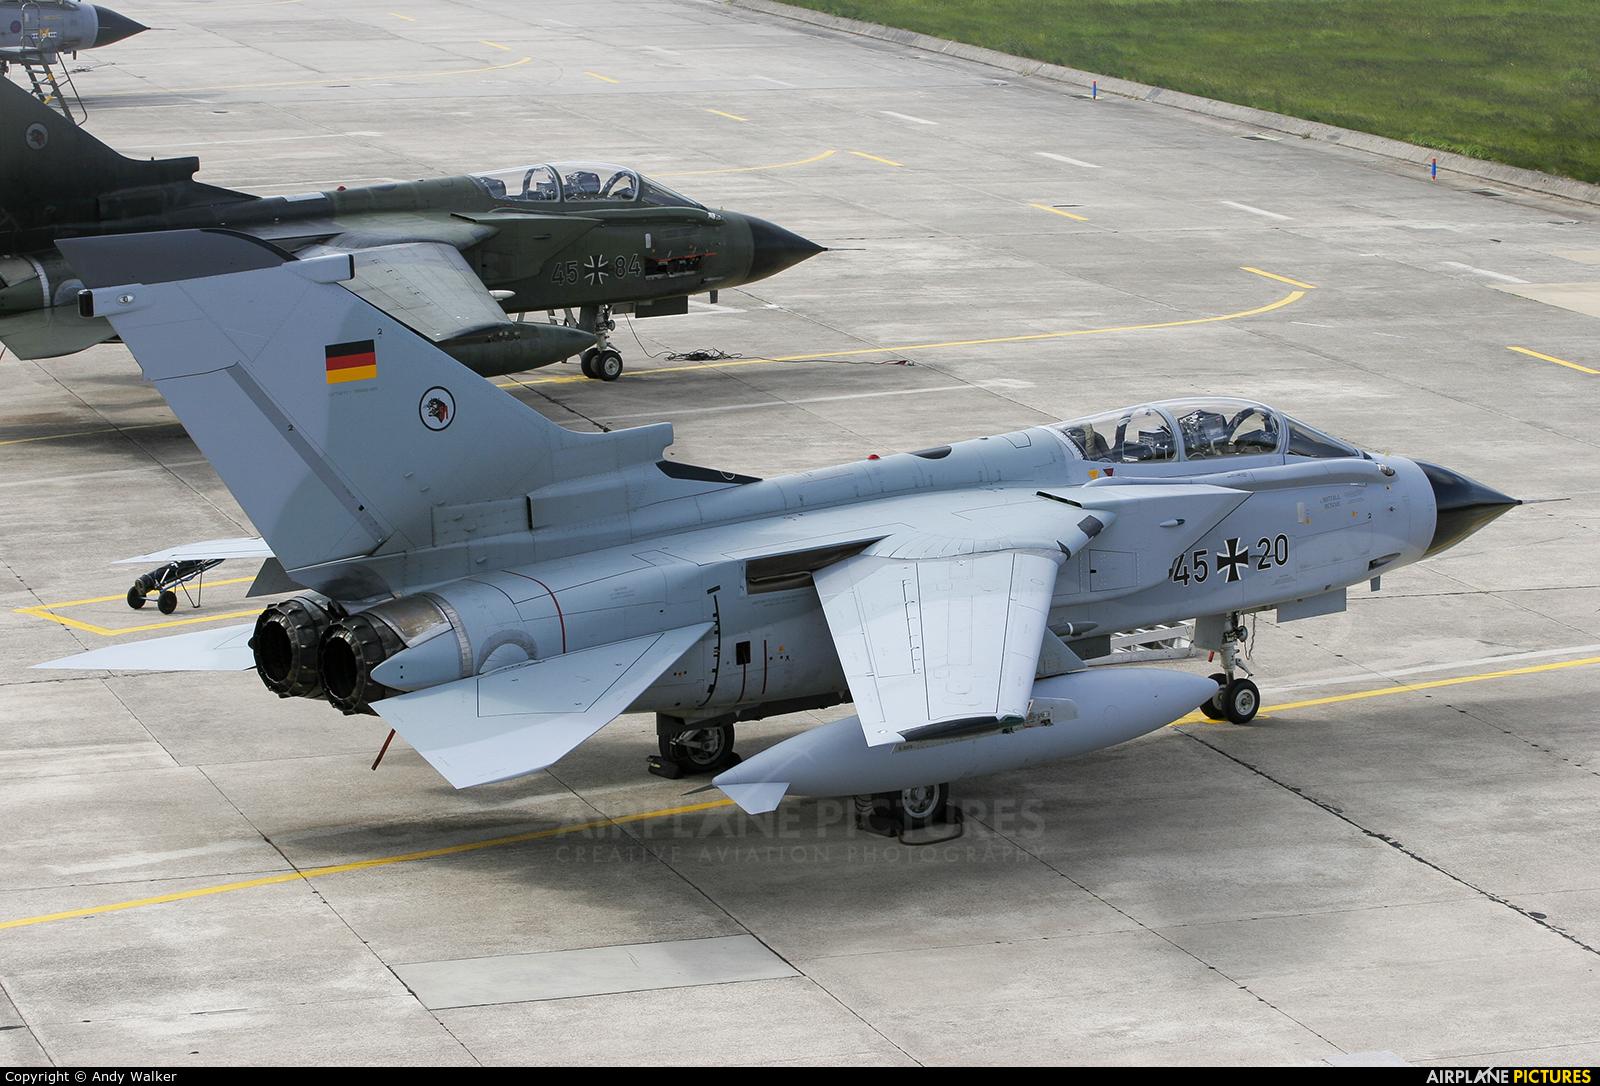 Germany - Air Force 45+20 aircraft at Lossiemouth